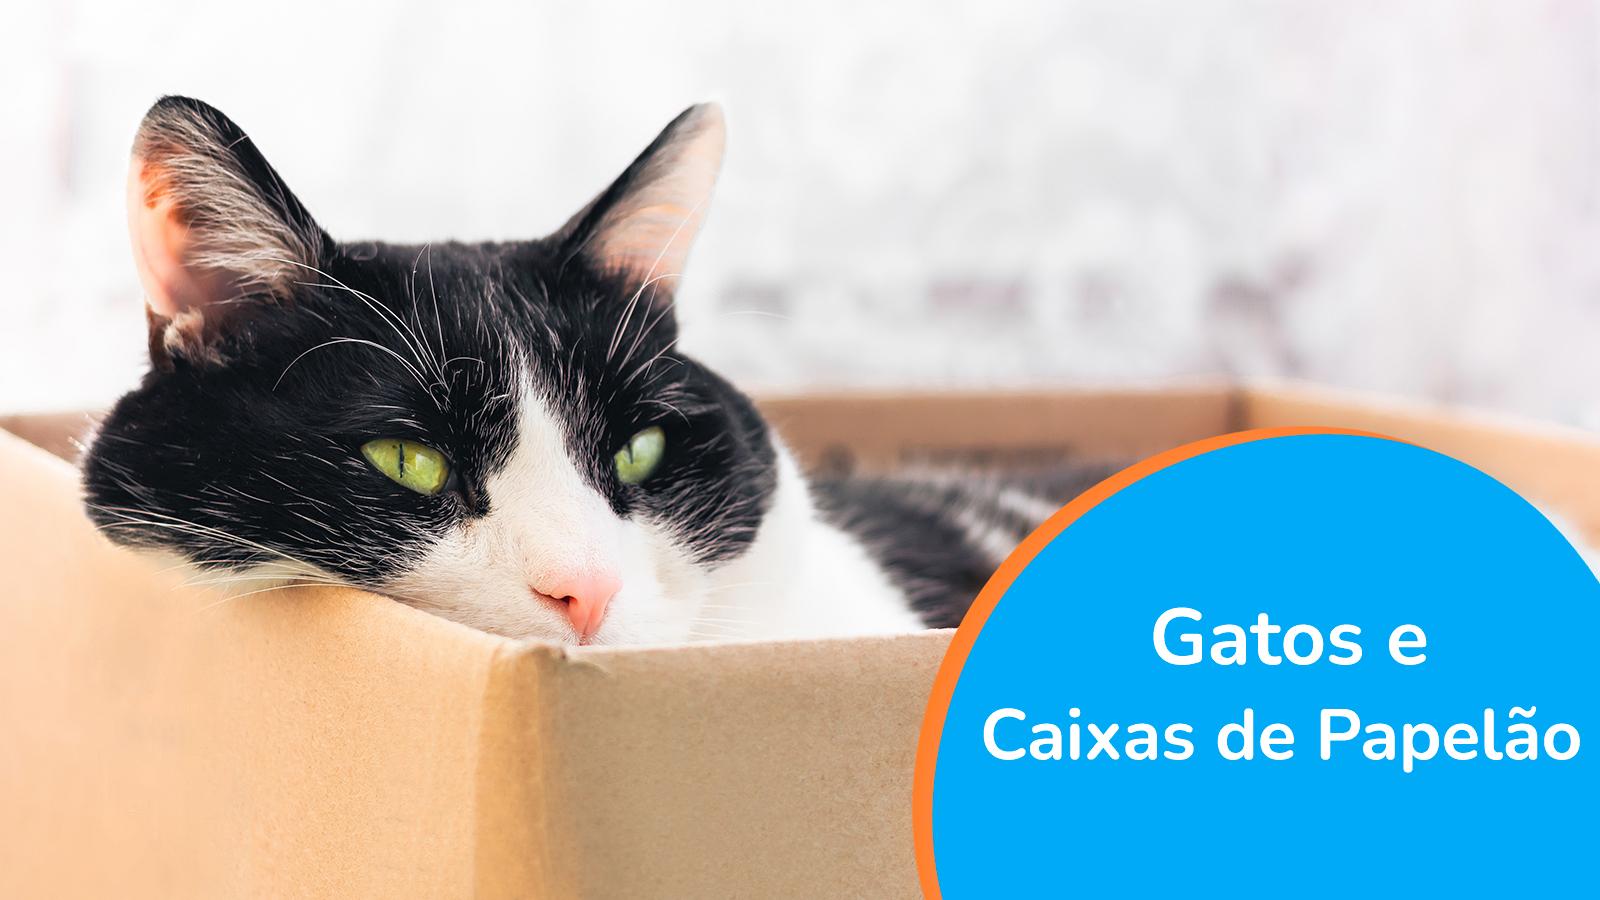 Gatos e Caixas de Papelão, de onde vem esse amor todo?